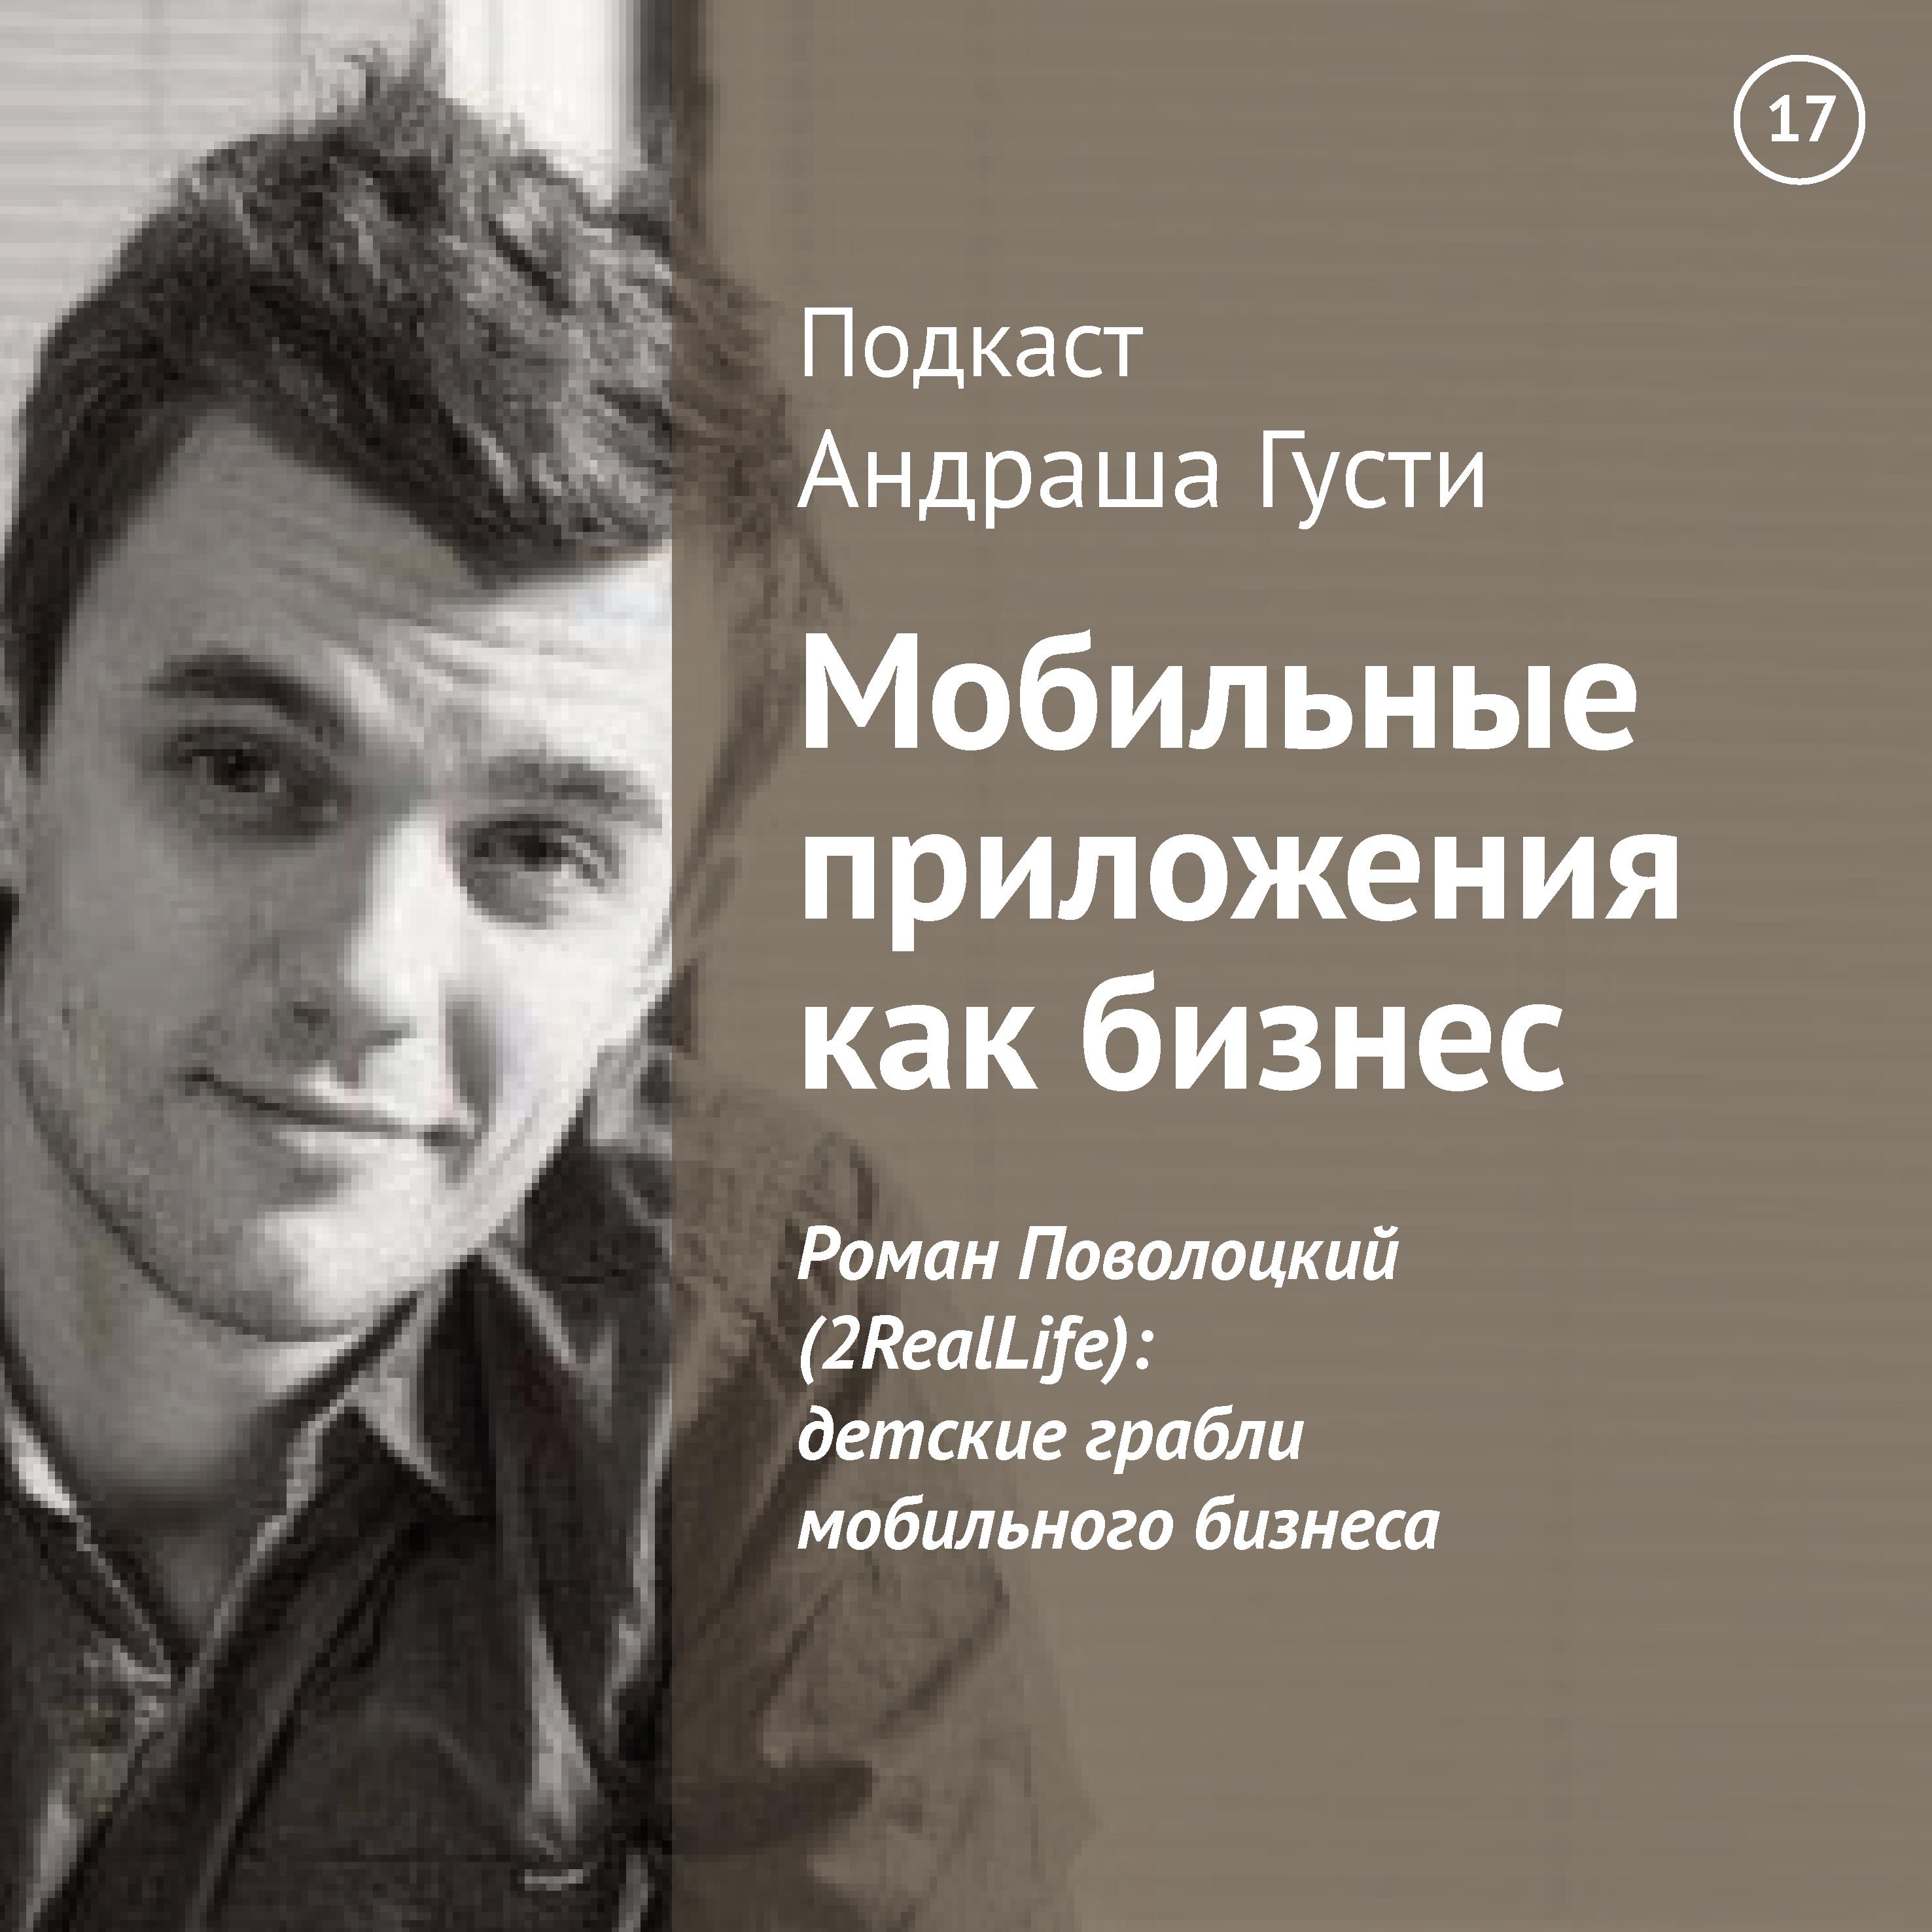 Андраш Густи Роман Поволоцкий (2RealLife): детские грабли мобильного бизнеса